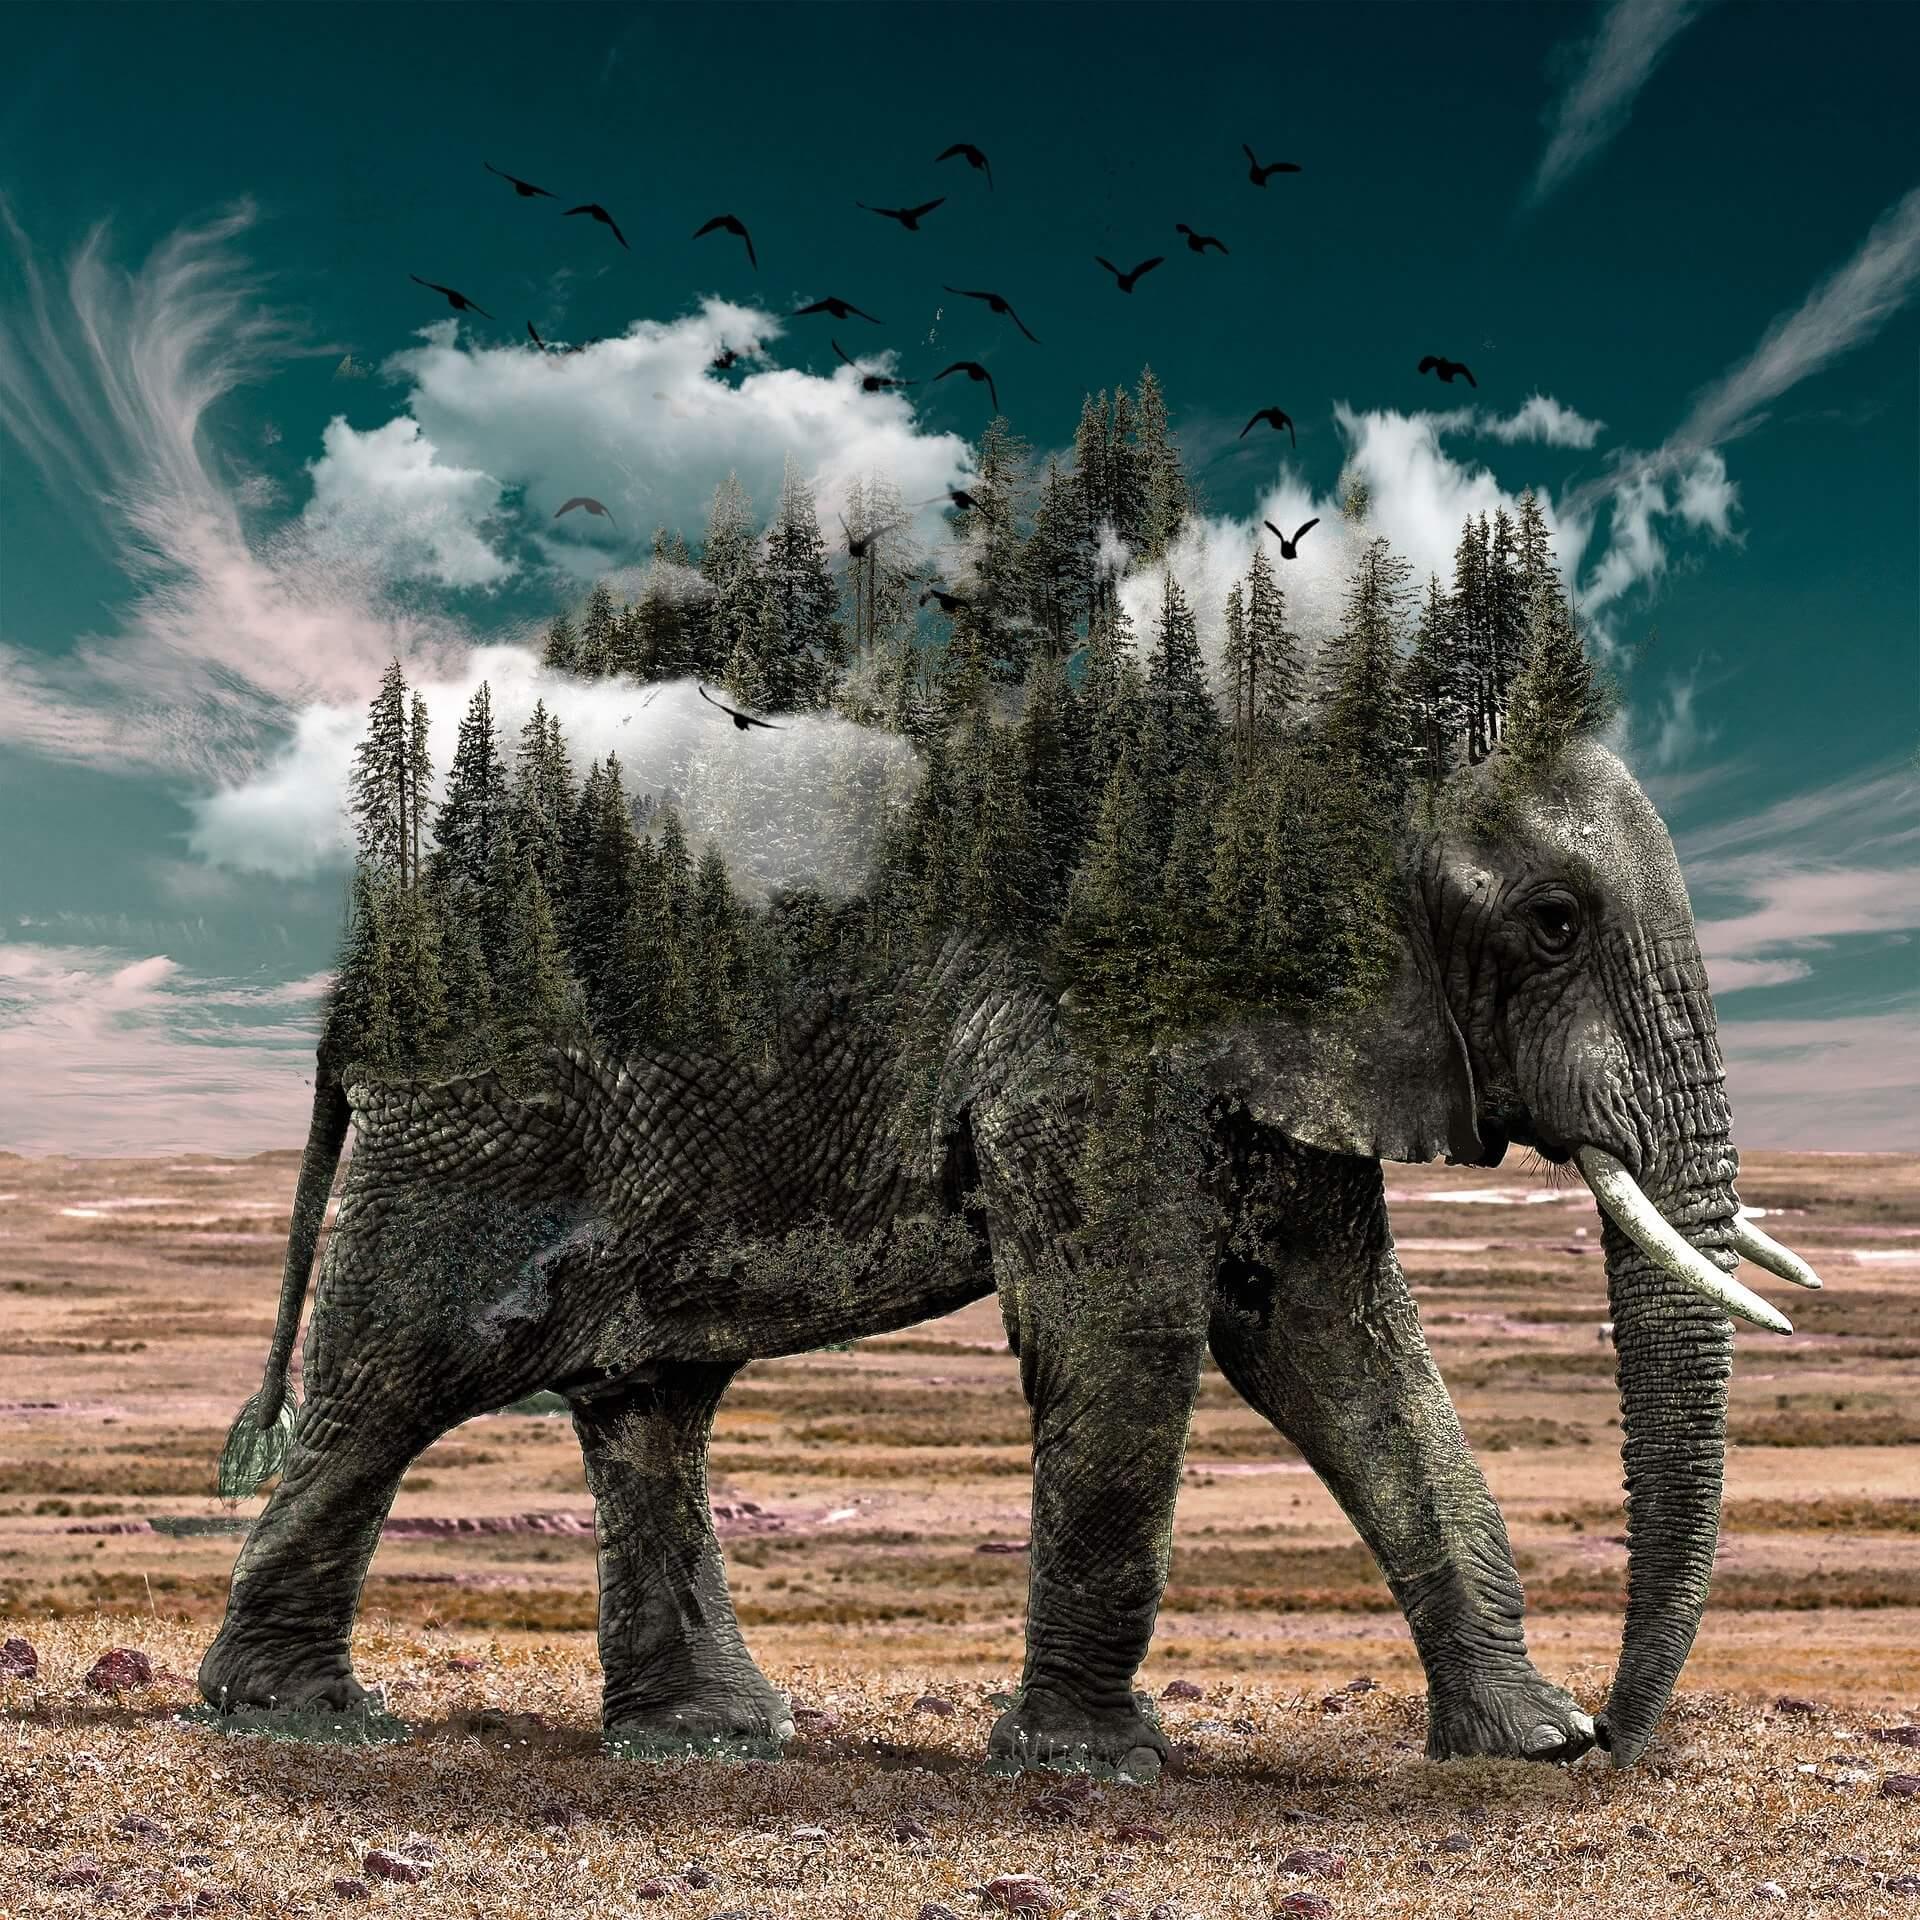 zanimljivosti o životinjama slon